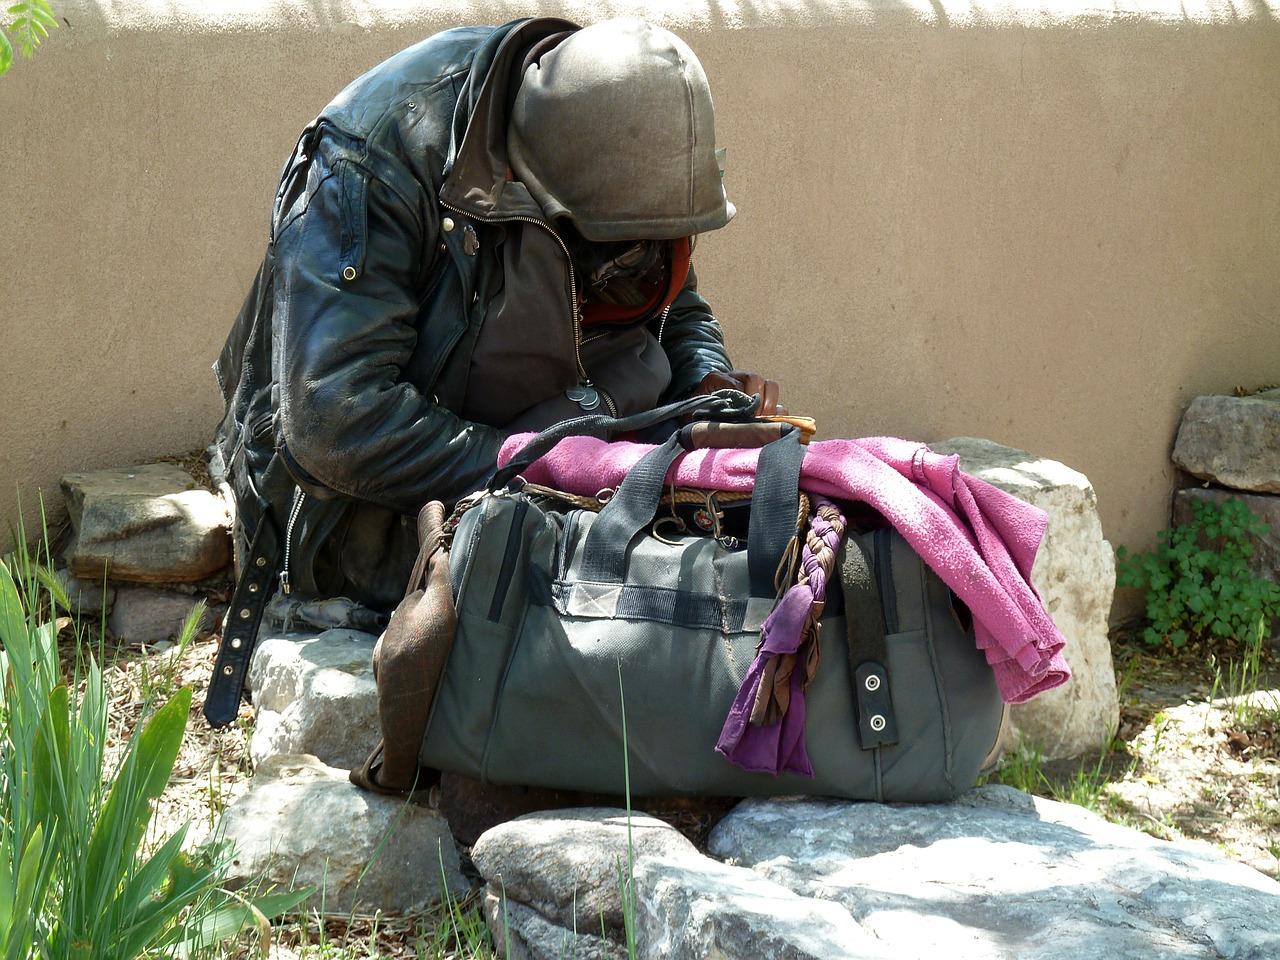 Grüne befürchten Verschärfung der Situation von Obdachlosen in Coronazeiten